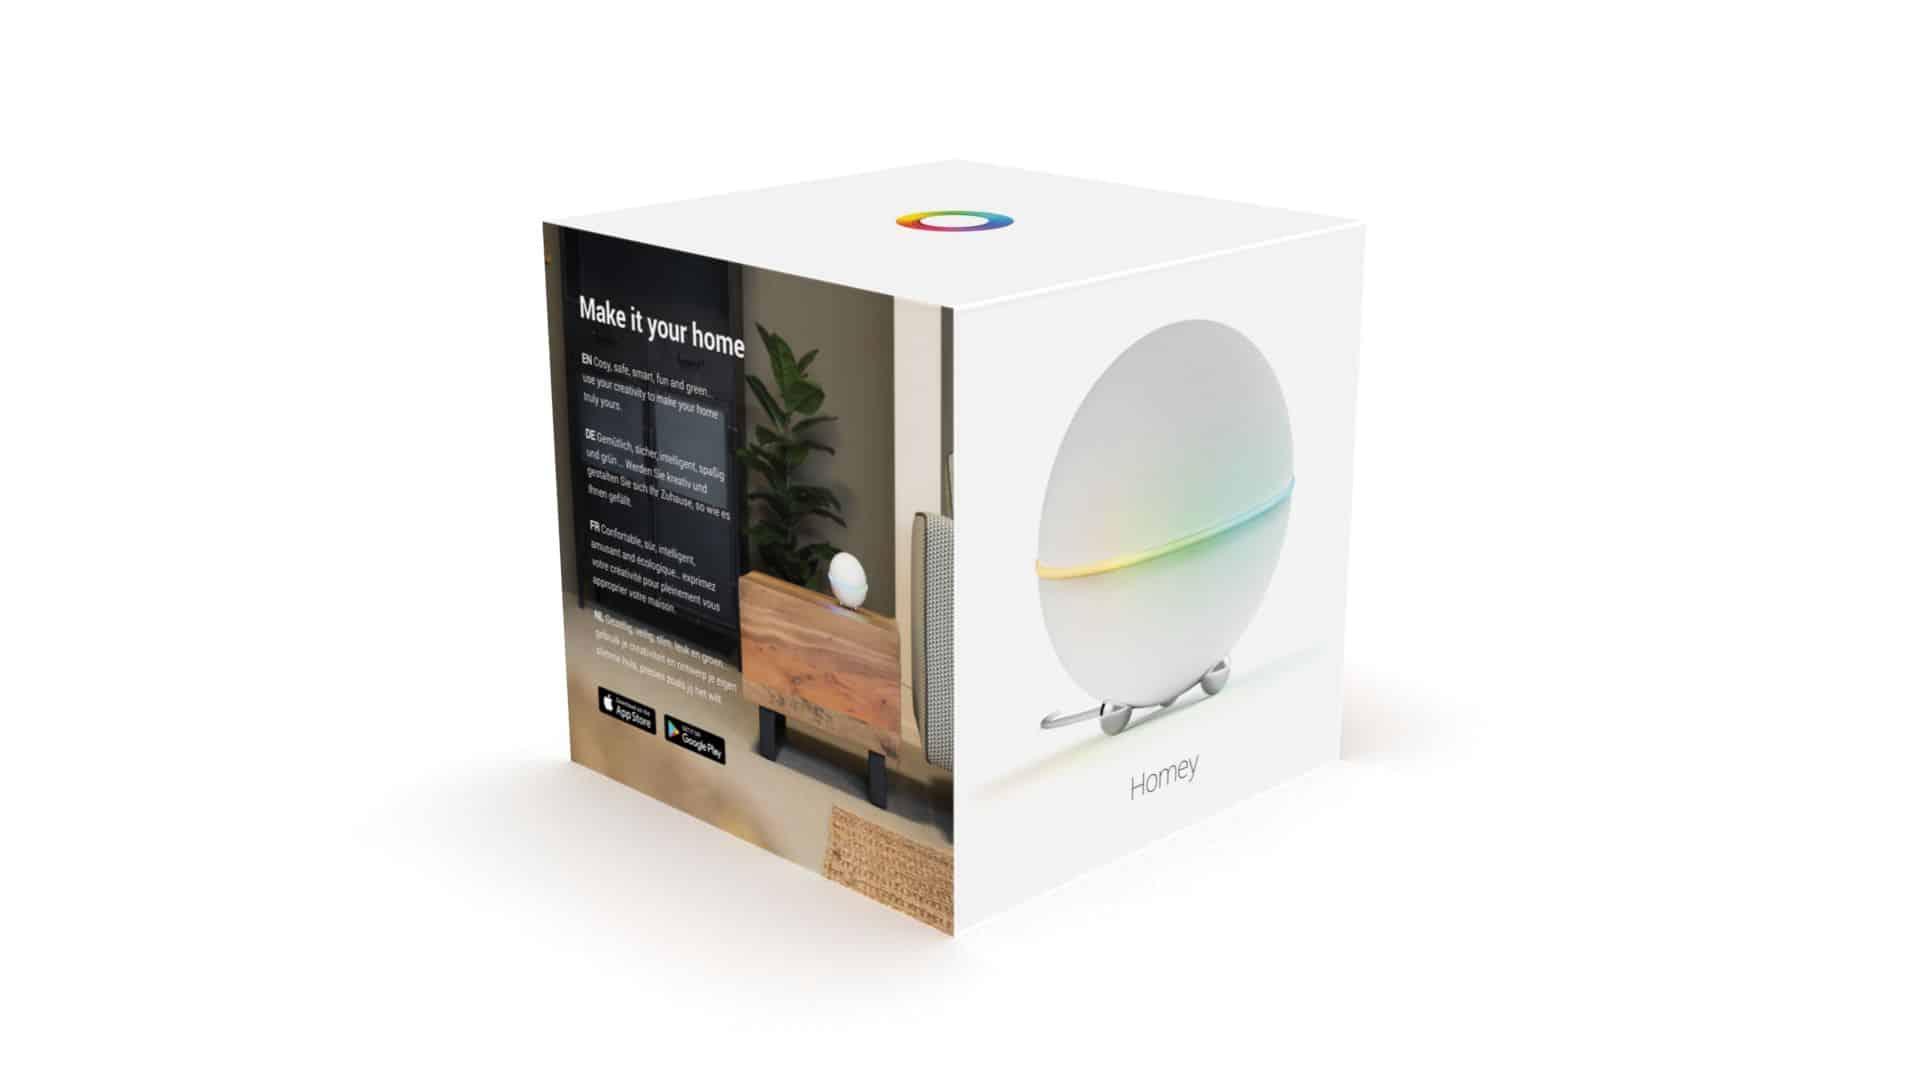 La box Homey a un look très Google, vous ne trouvez pas ?